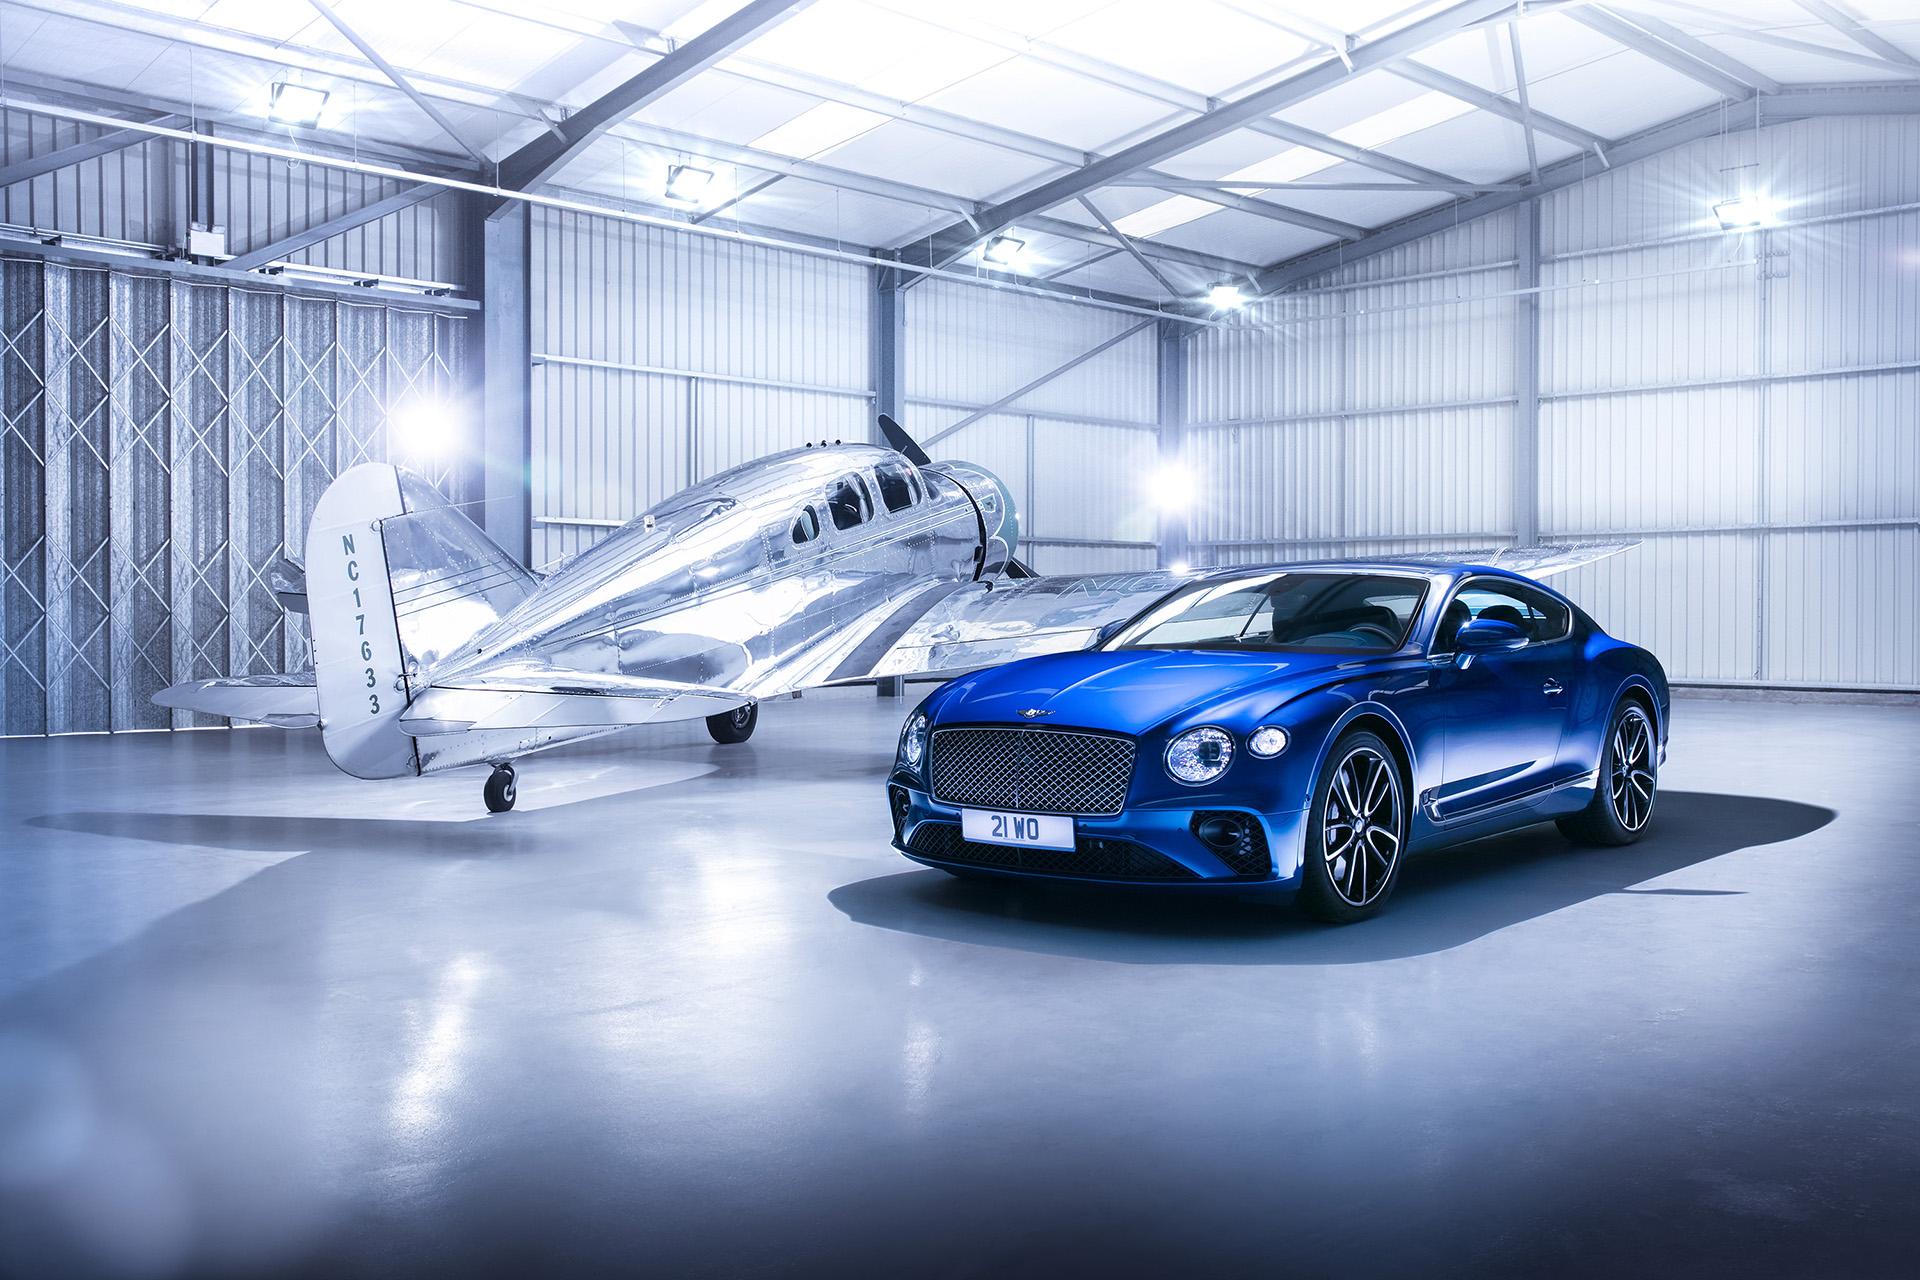 Bentley Spartan Executive